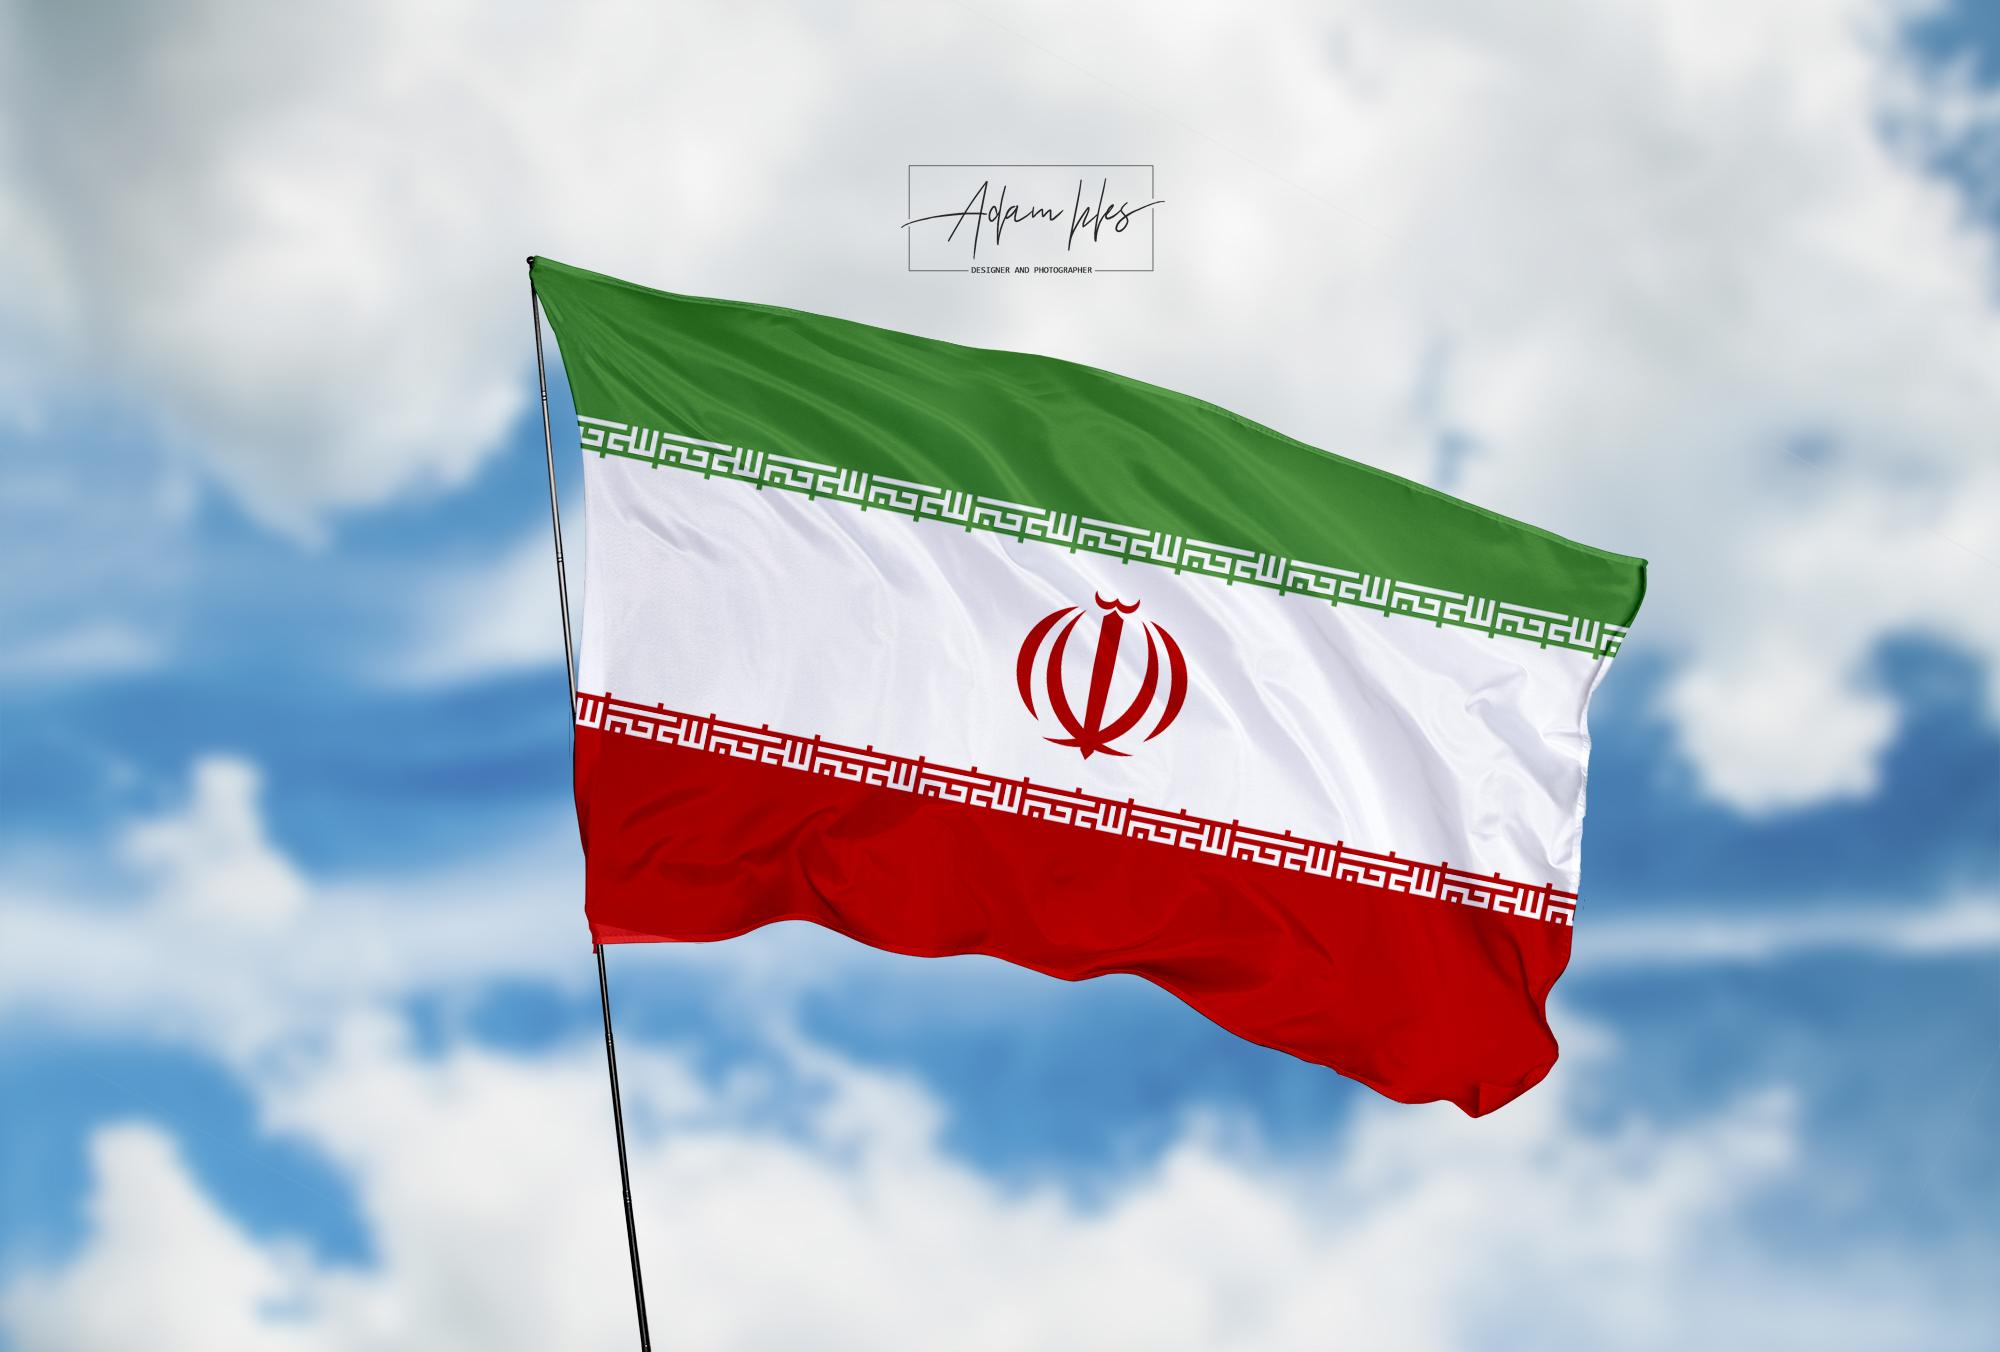 تحميل اجمل خلفية علم ايران يرفرف في السماء - اجمل خلفيات ايران الرائعة